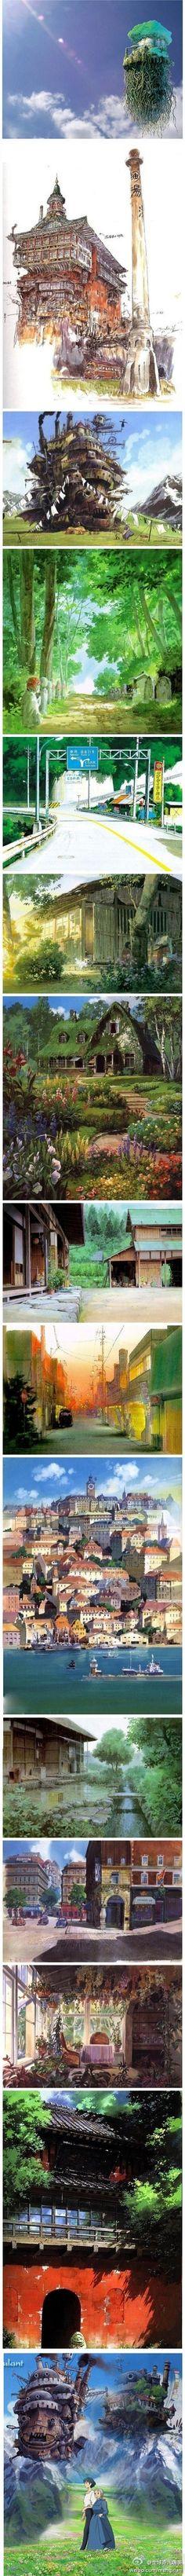 Los escenarios de Hayao Miyazaki...